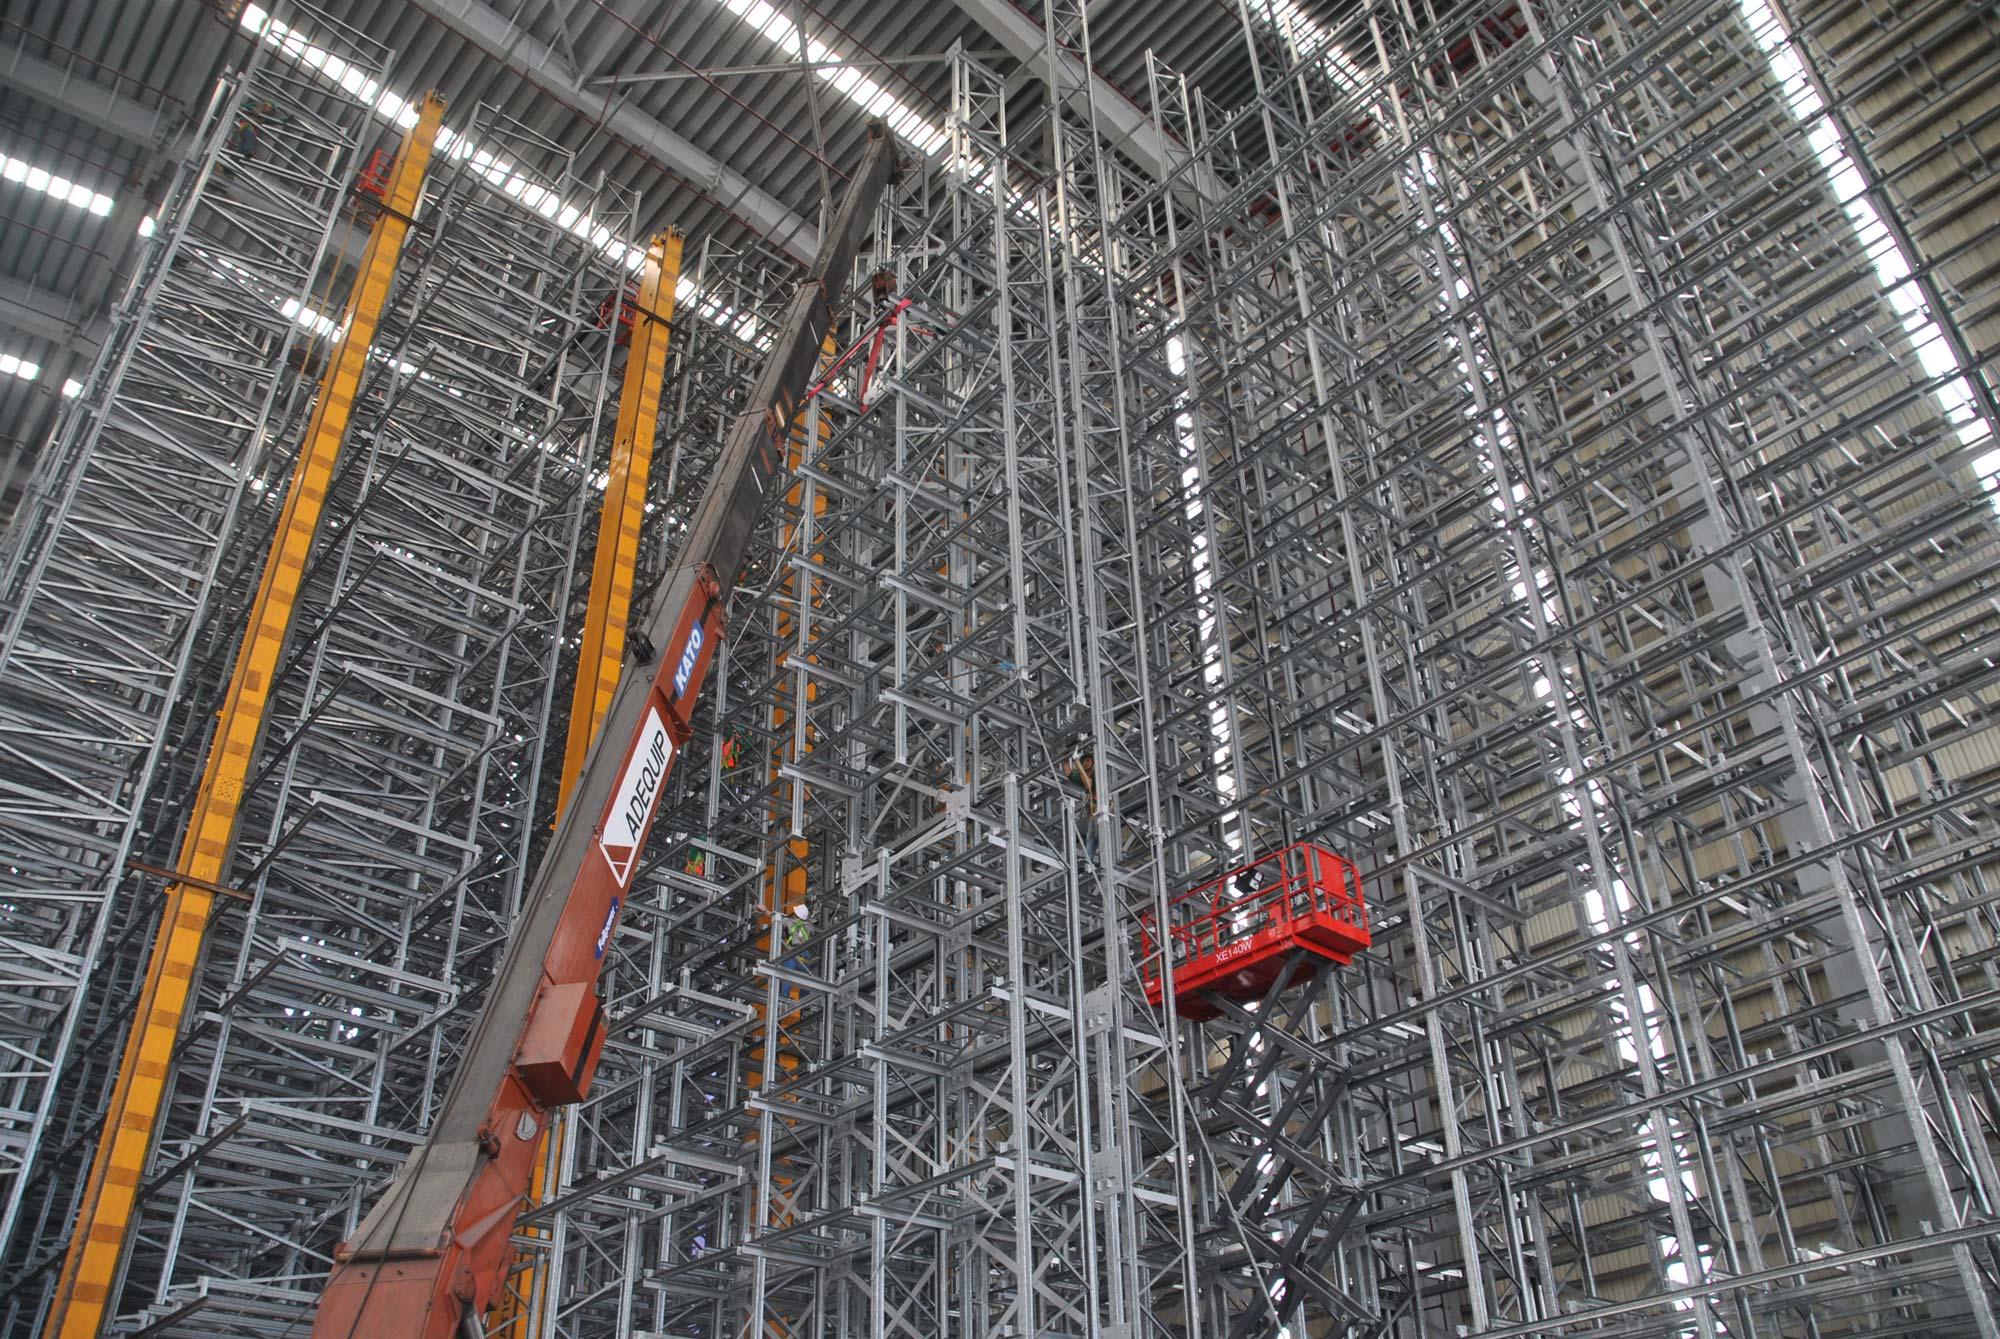 INDUSTRIAL - WarehousesSteel storage rackingFactoriesHigh bay warehousesClad-rack structures